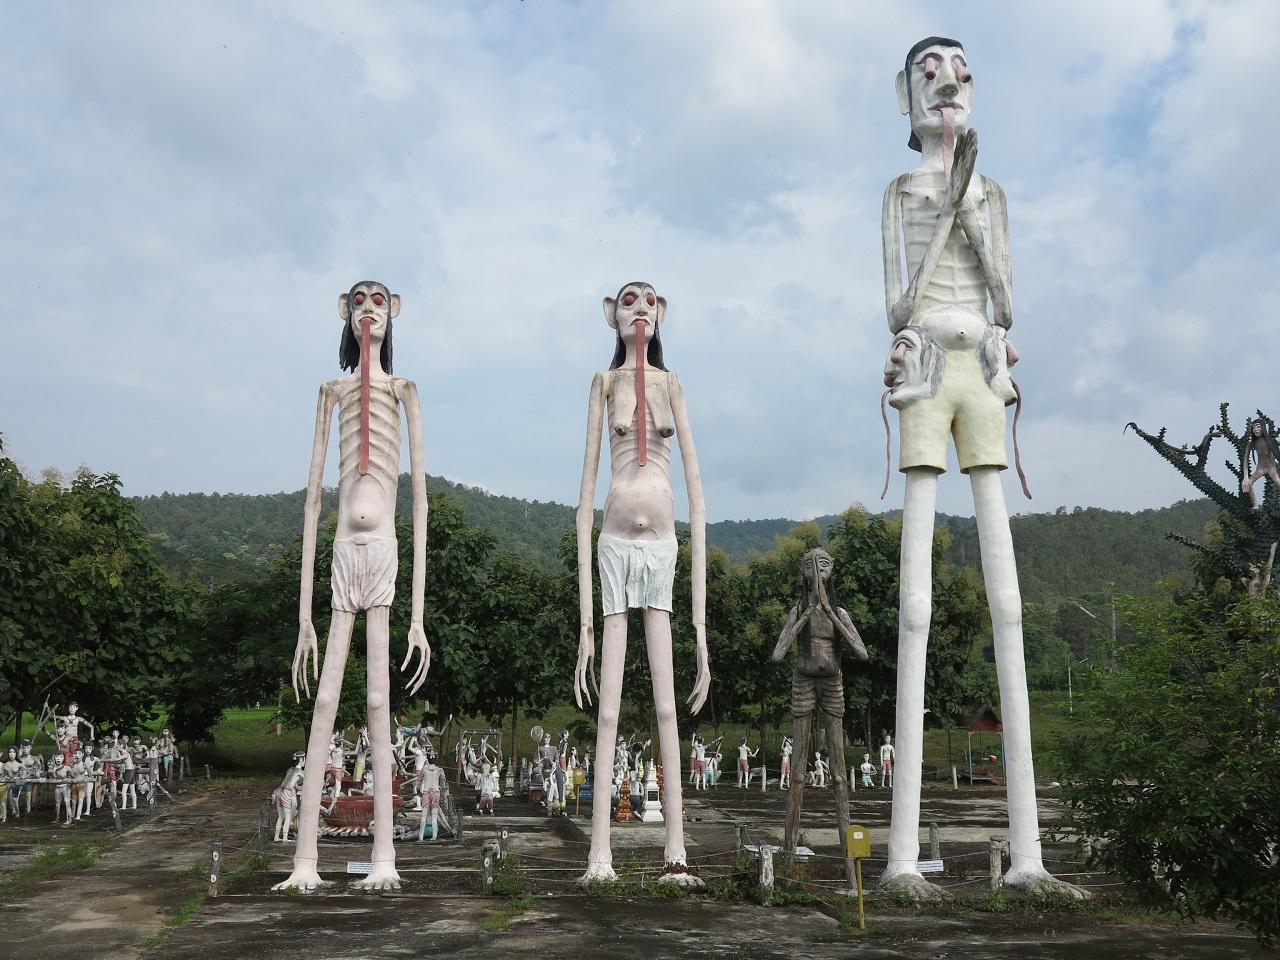 【連載】タイの地獄めぐり⑧ 巨大餓鬼 ―地獄寺のランドマーク―